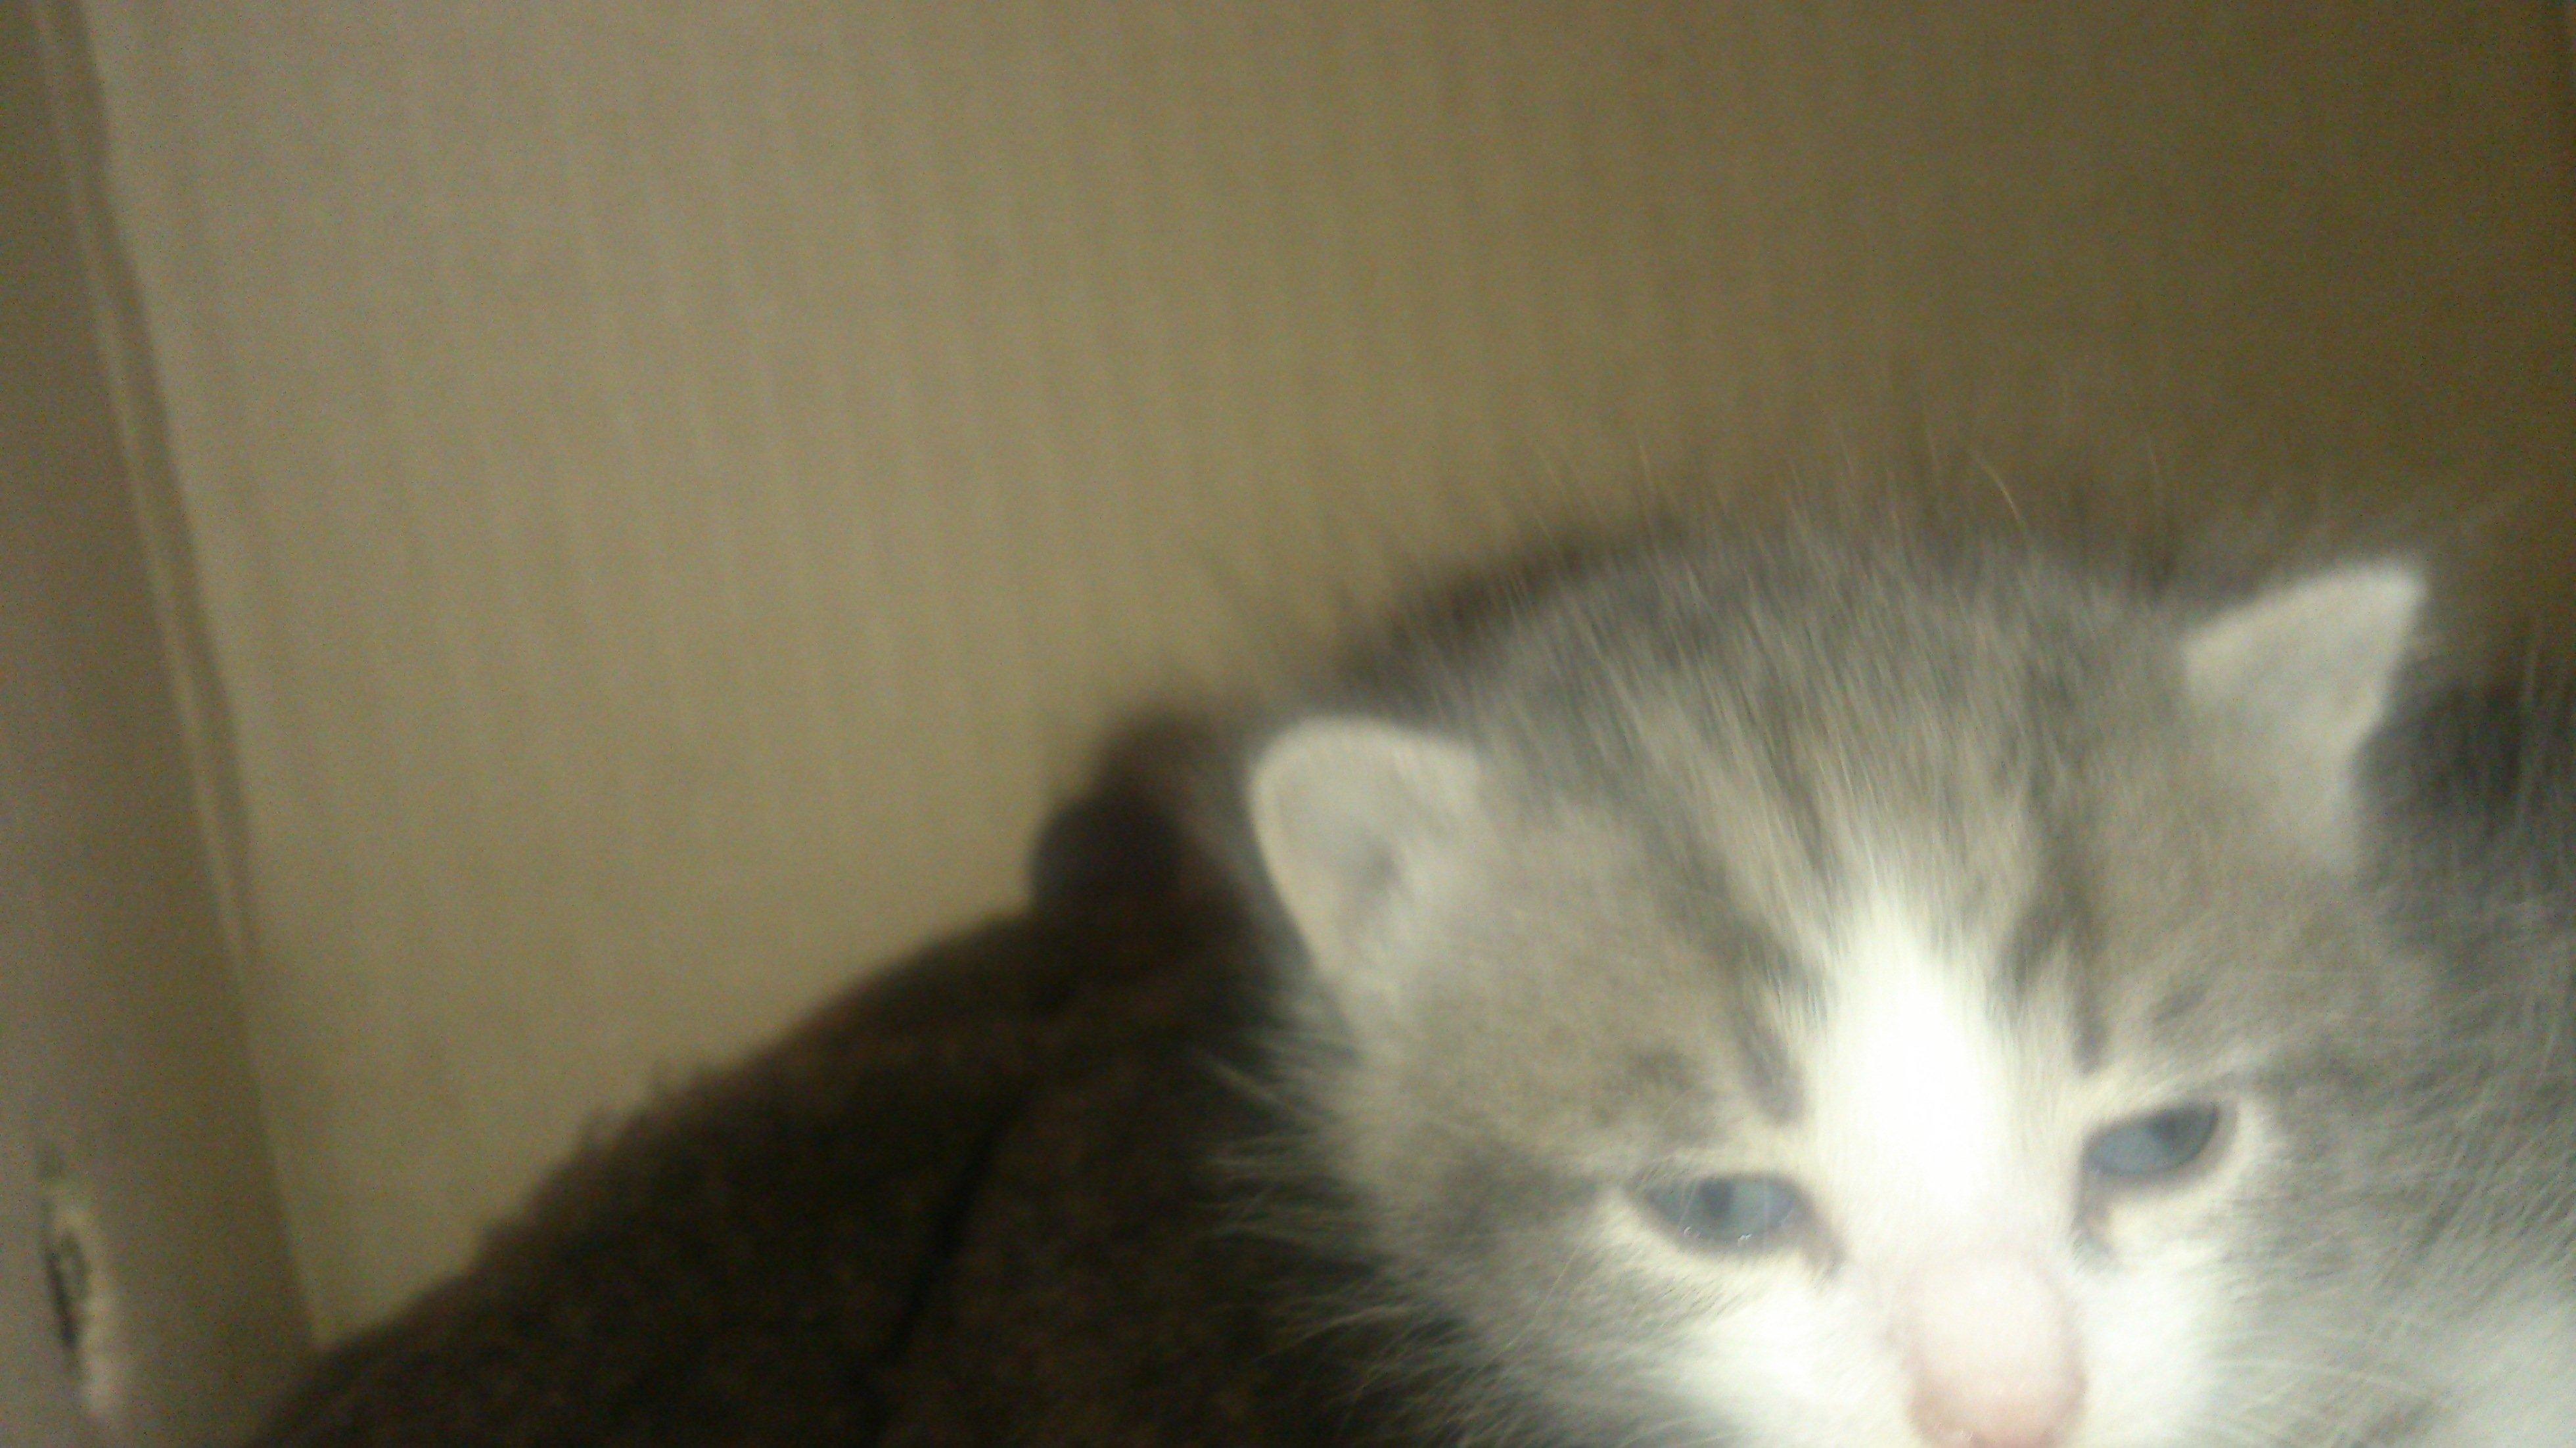 Отдам двух котят, тому кто проживает в ближнем подмосковье на востоке. Котята очень маленькие, едят с пипетки, но вс ... - Изображение 1